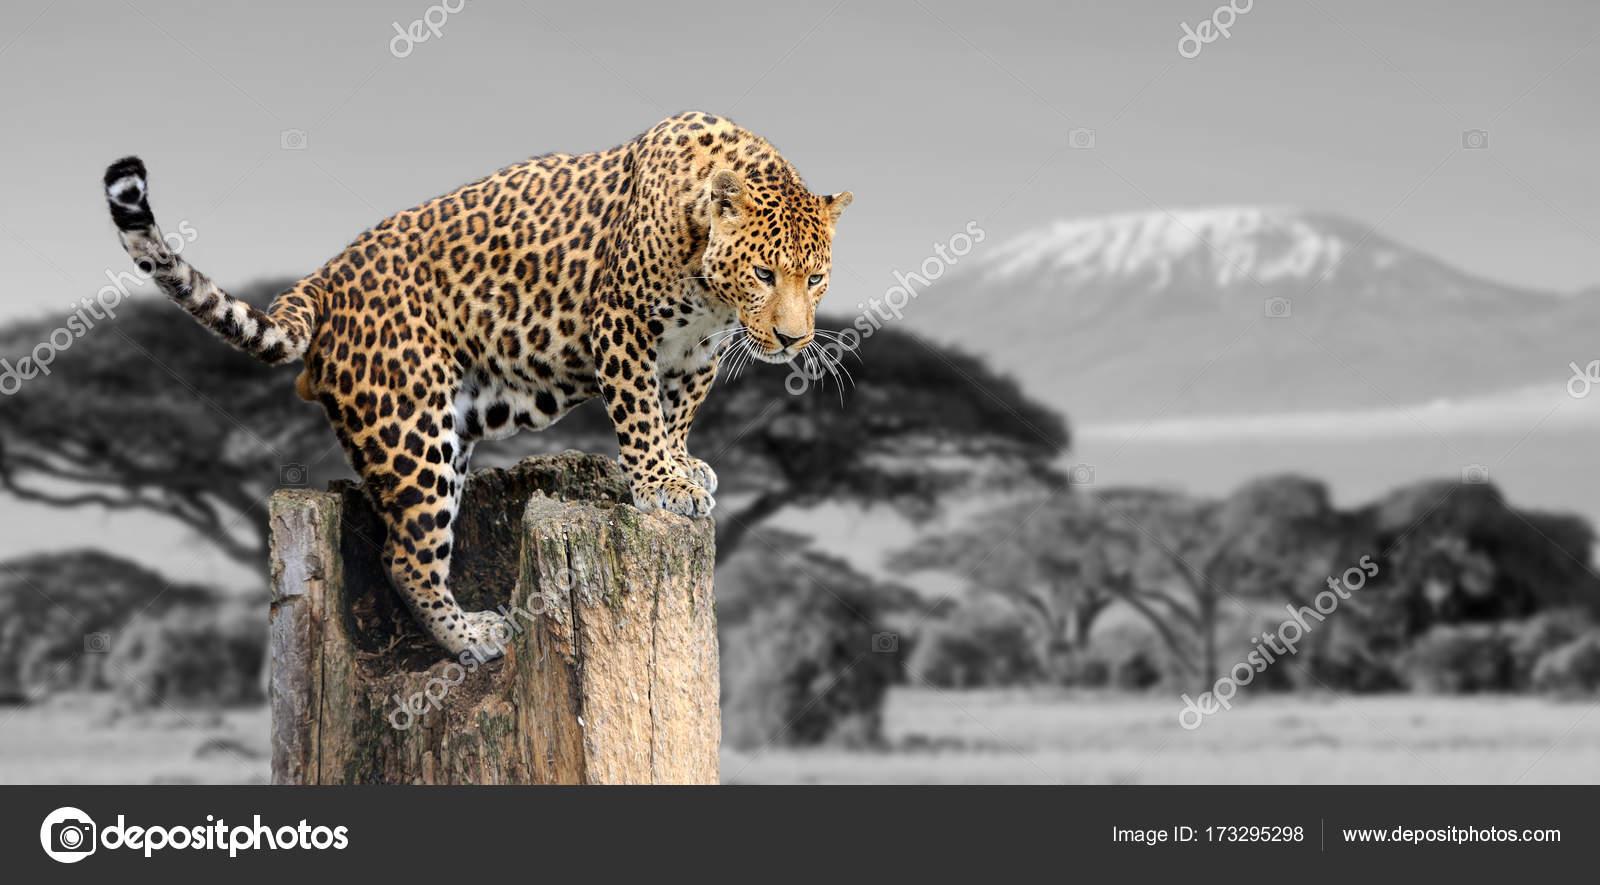 Fotografia In Bianco E Nero Con Colore Leopardo Foto Stock